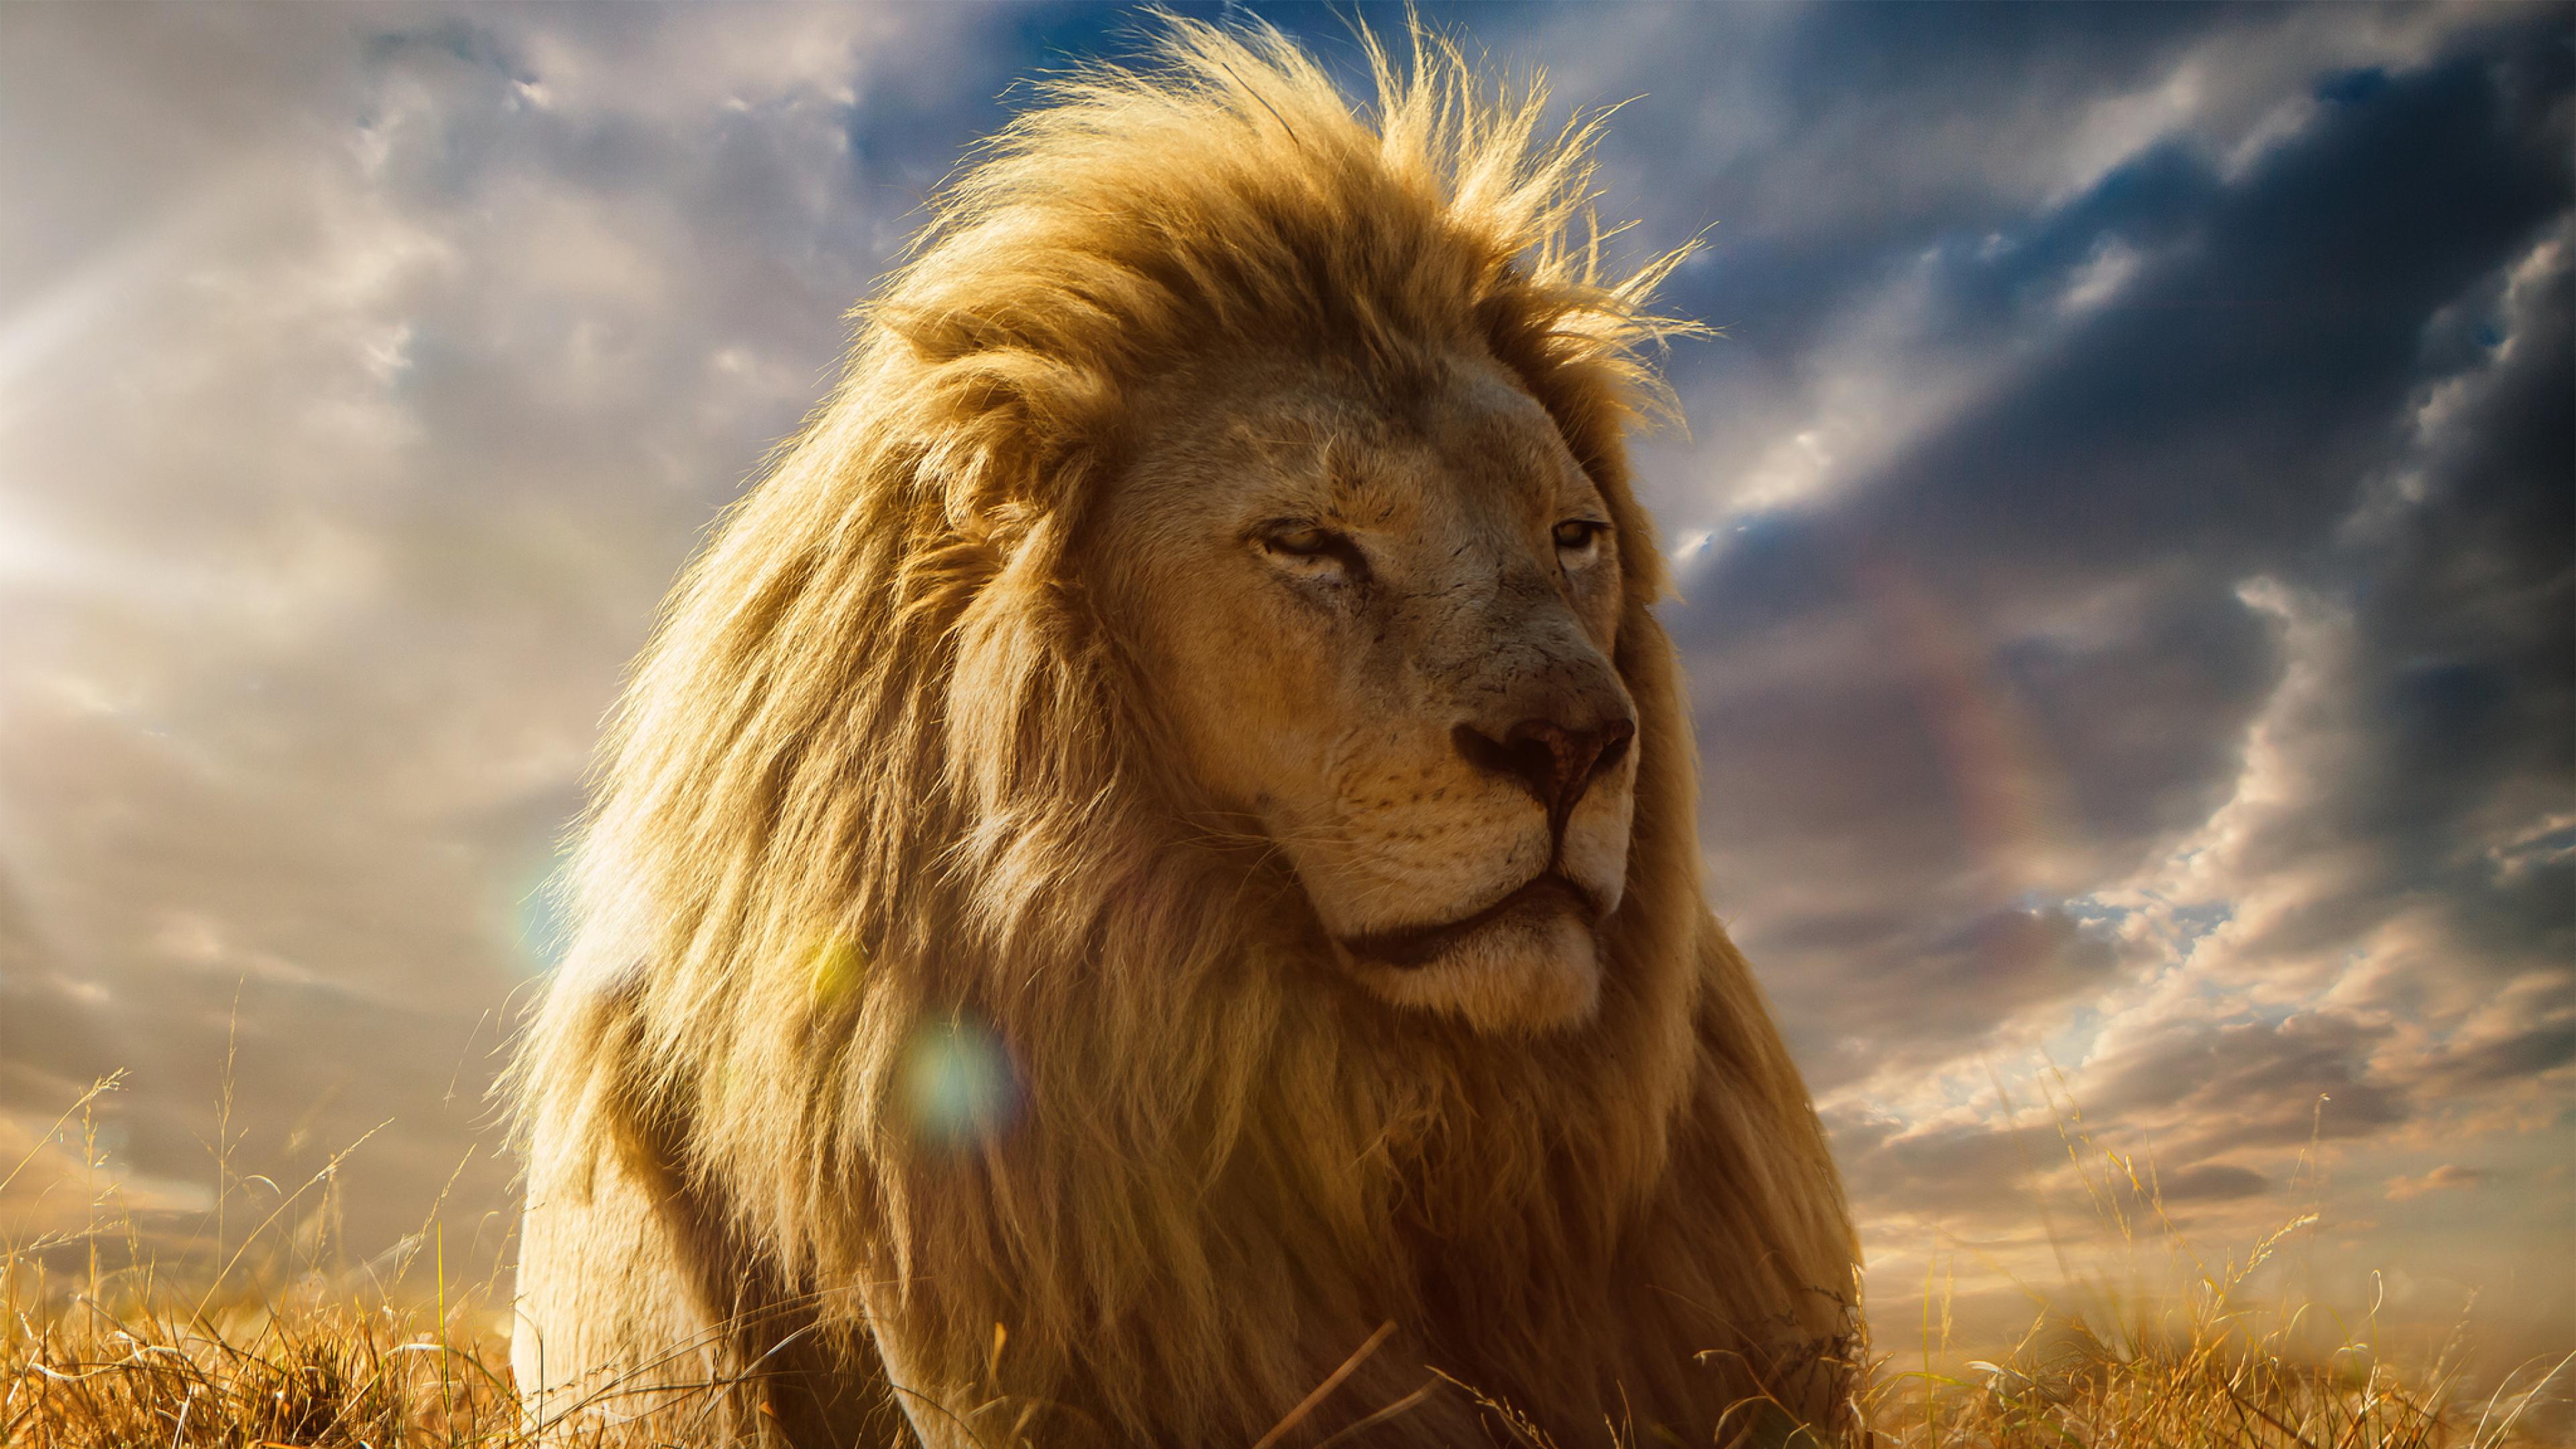 4K Ultra HD Lion Wallpapers HD, Desktop Backgrounds 3840x2160